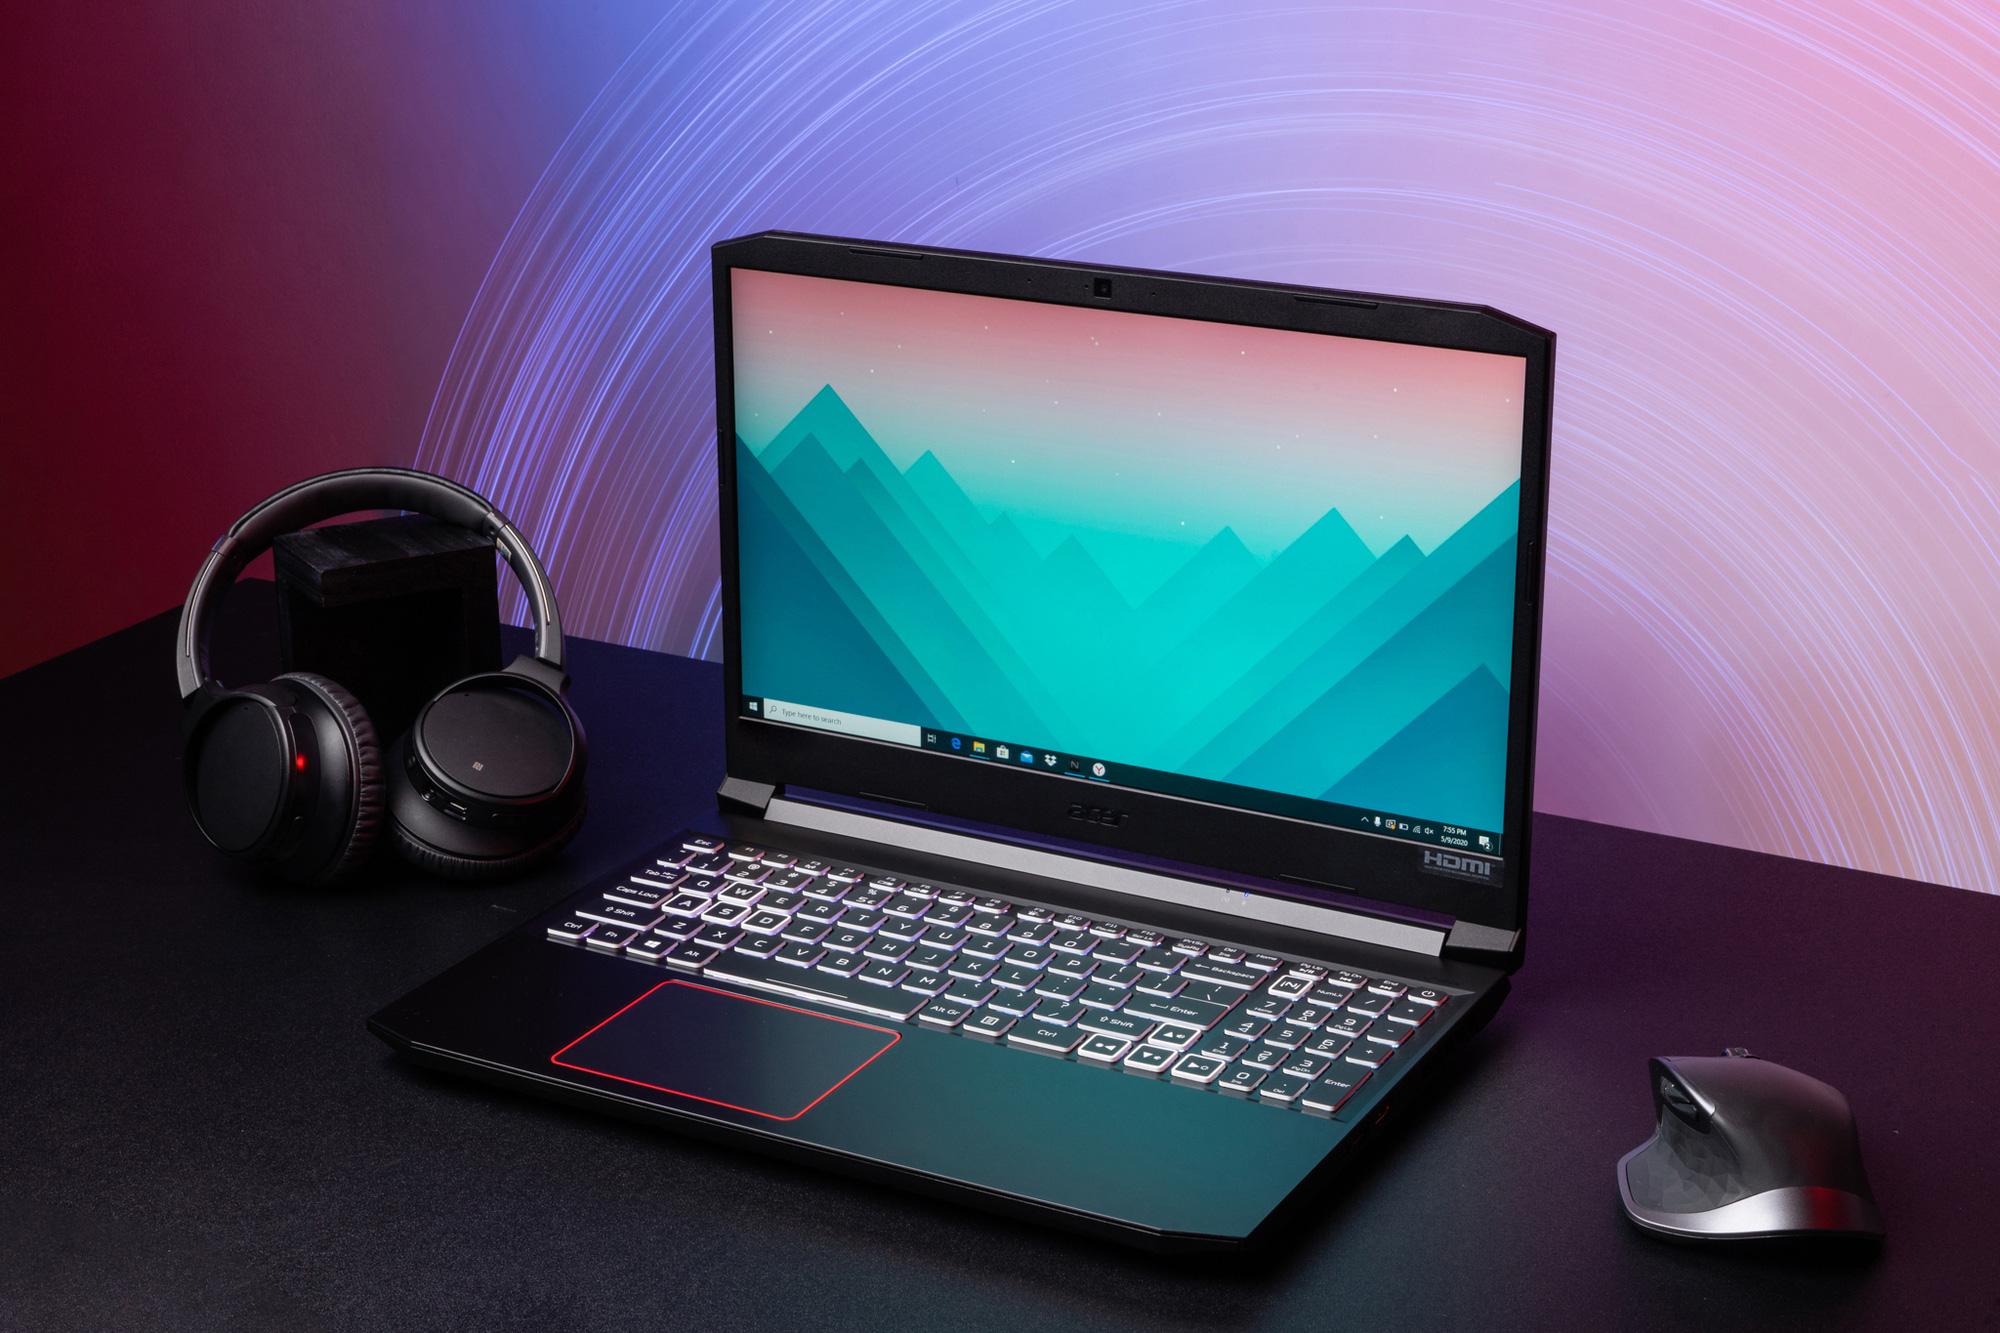 Bộ đôi laptop gaming hàng đầu cho game thủ đến từ Acer - Ảnh 2.